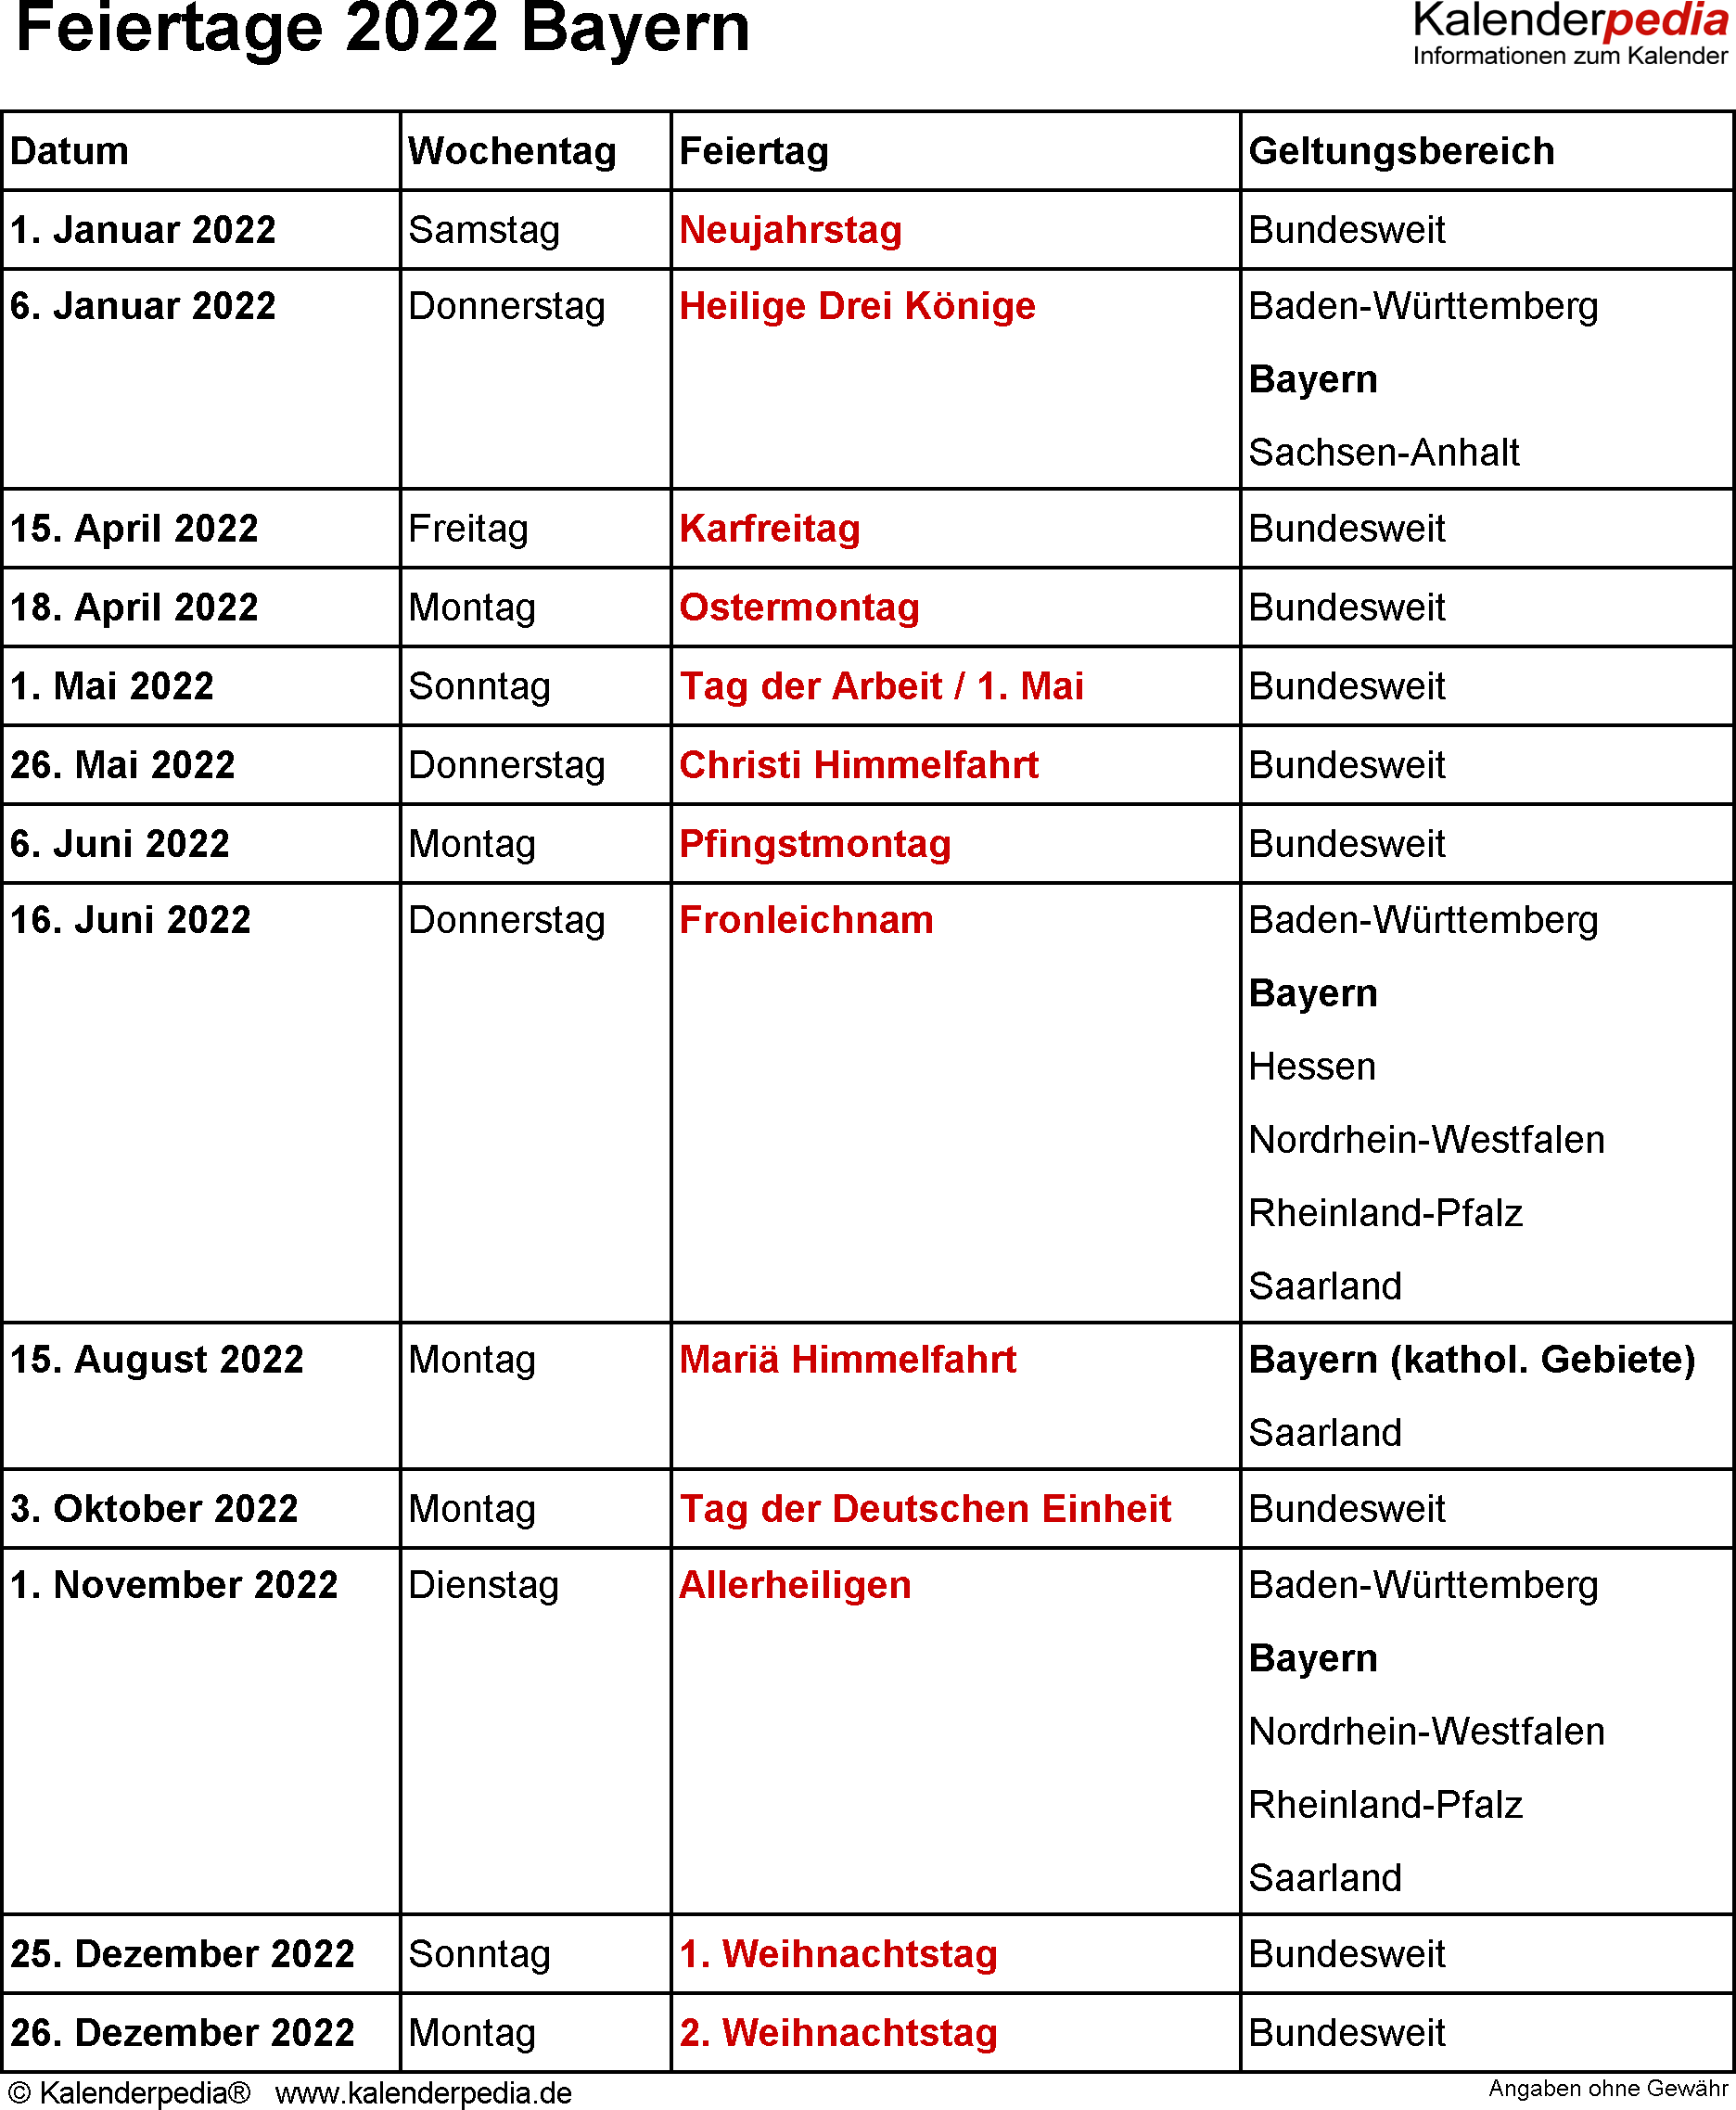 Feiertage Bayern 2021, 2022 & 2023 (mit Druckvorlagen)